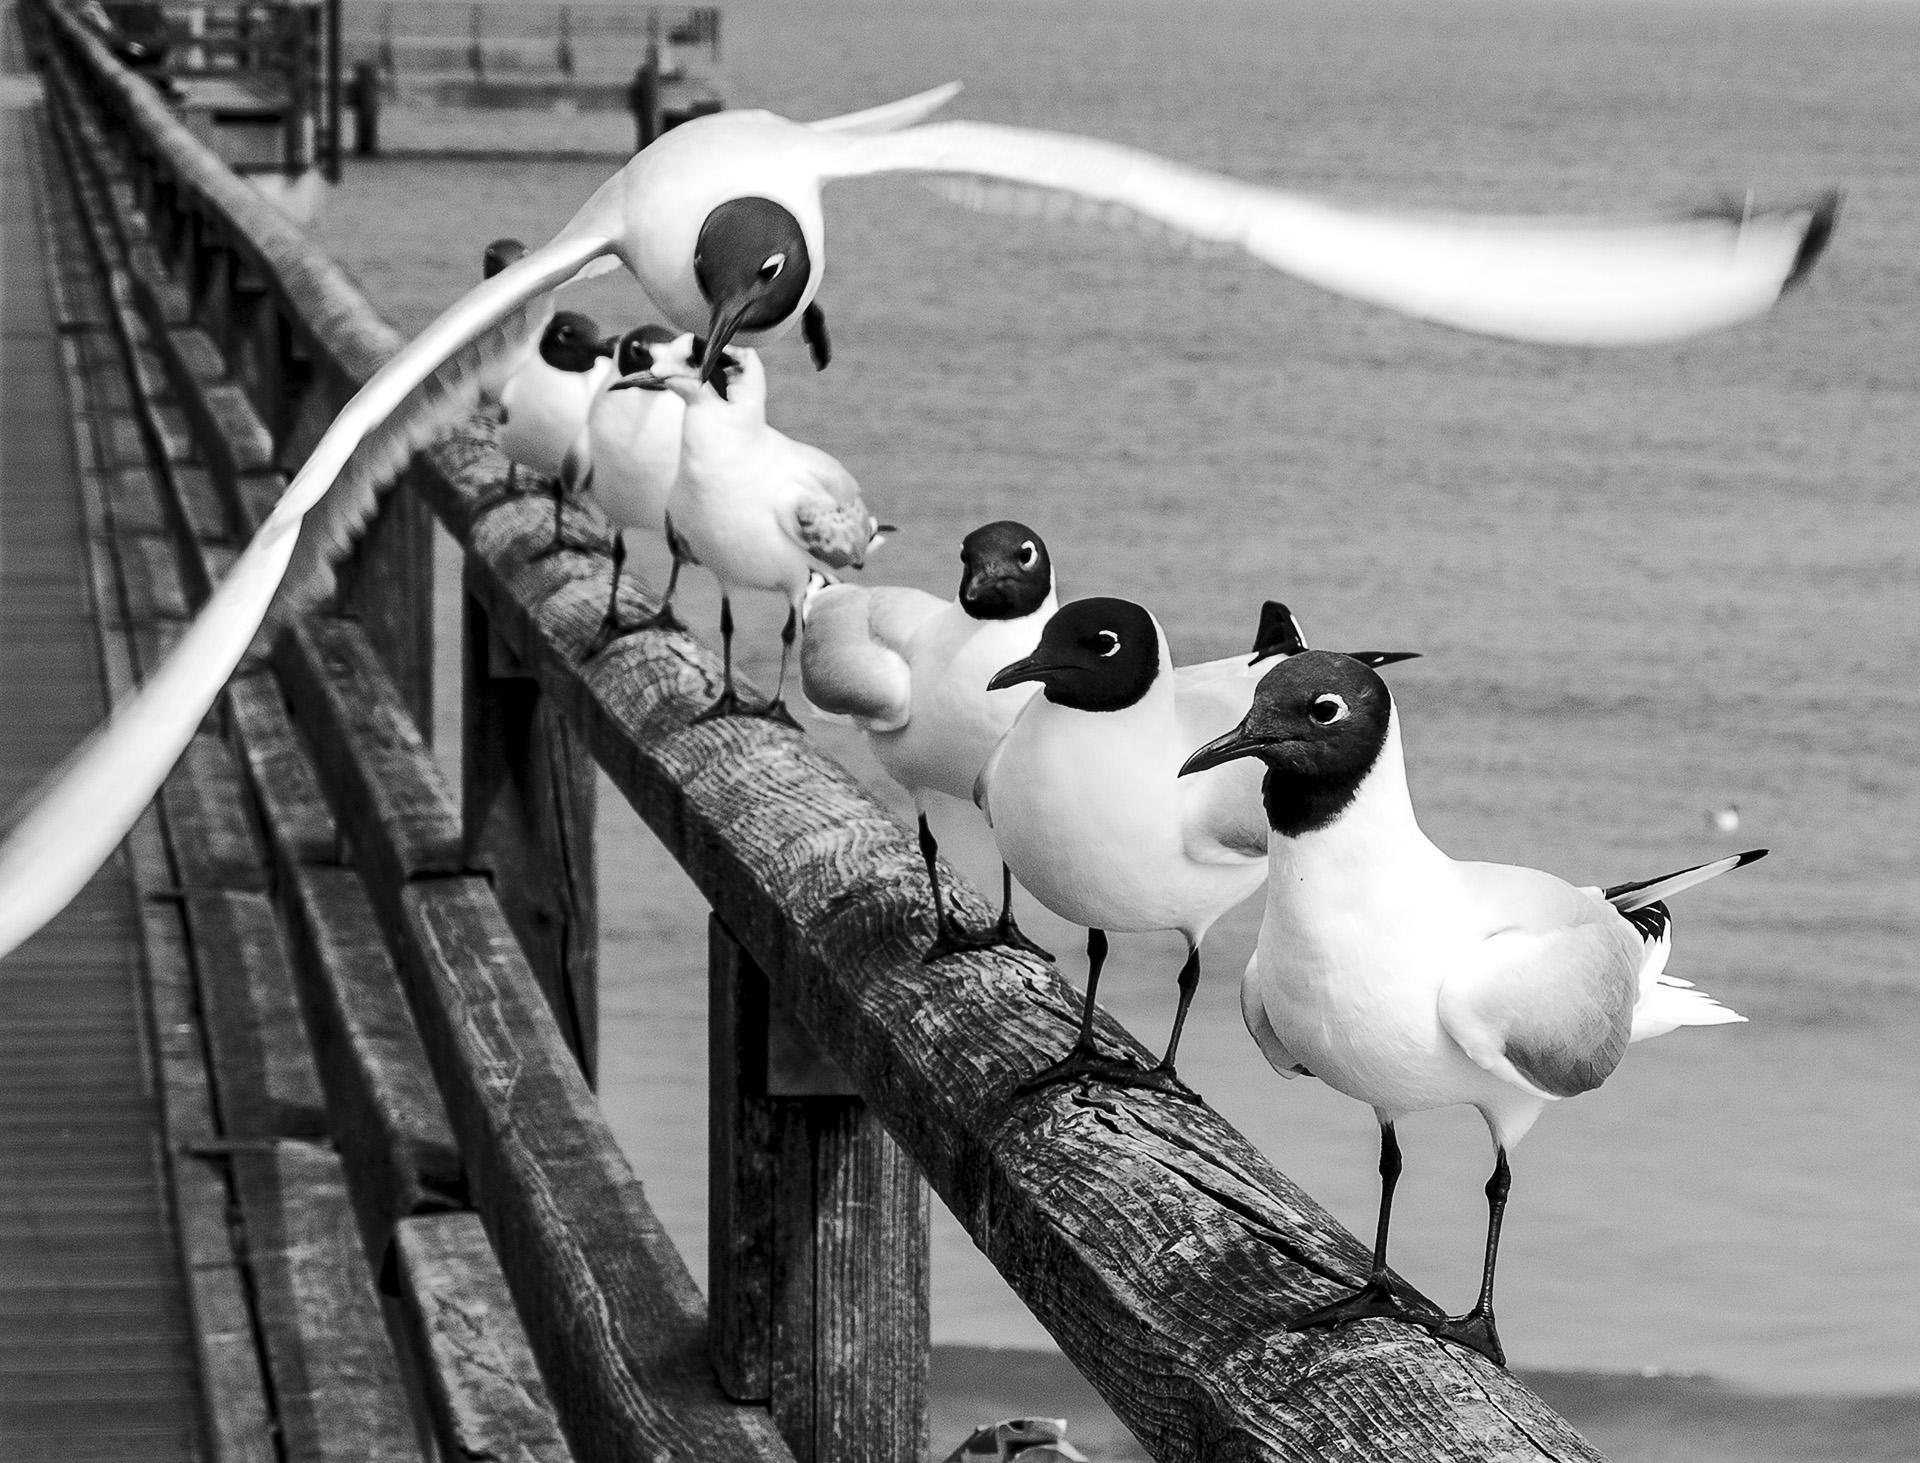 An der Ostsee - Copyright by Eric Berger